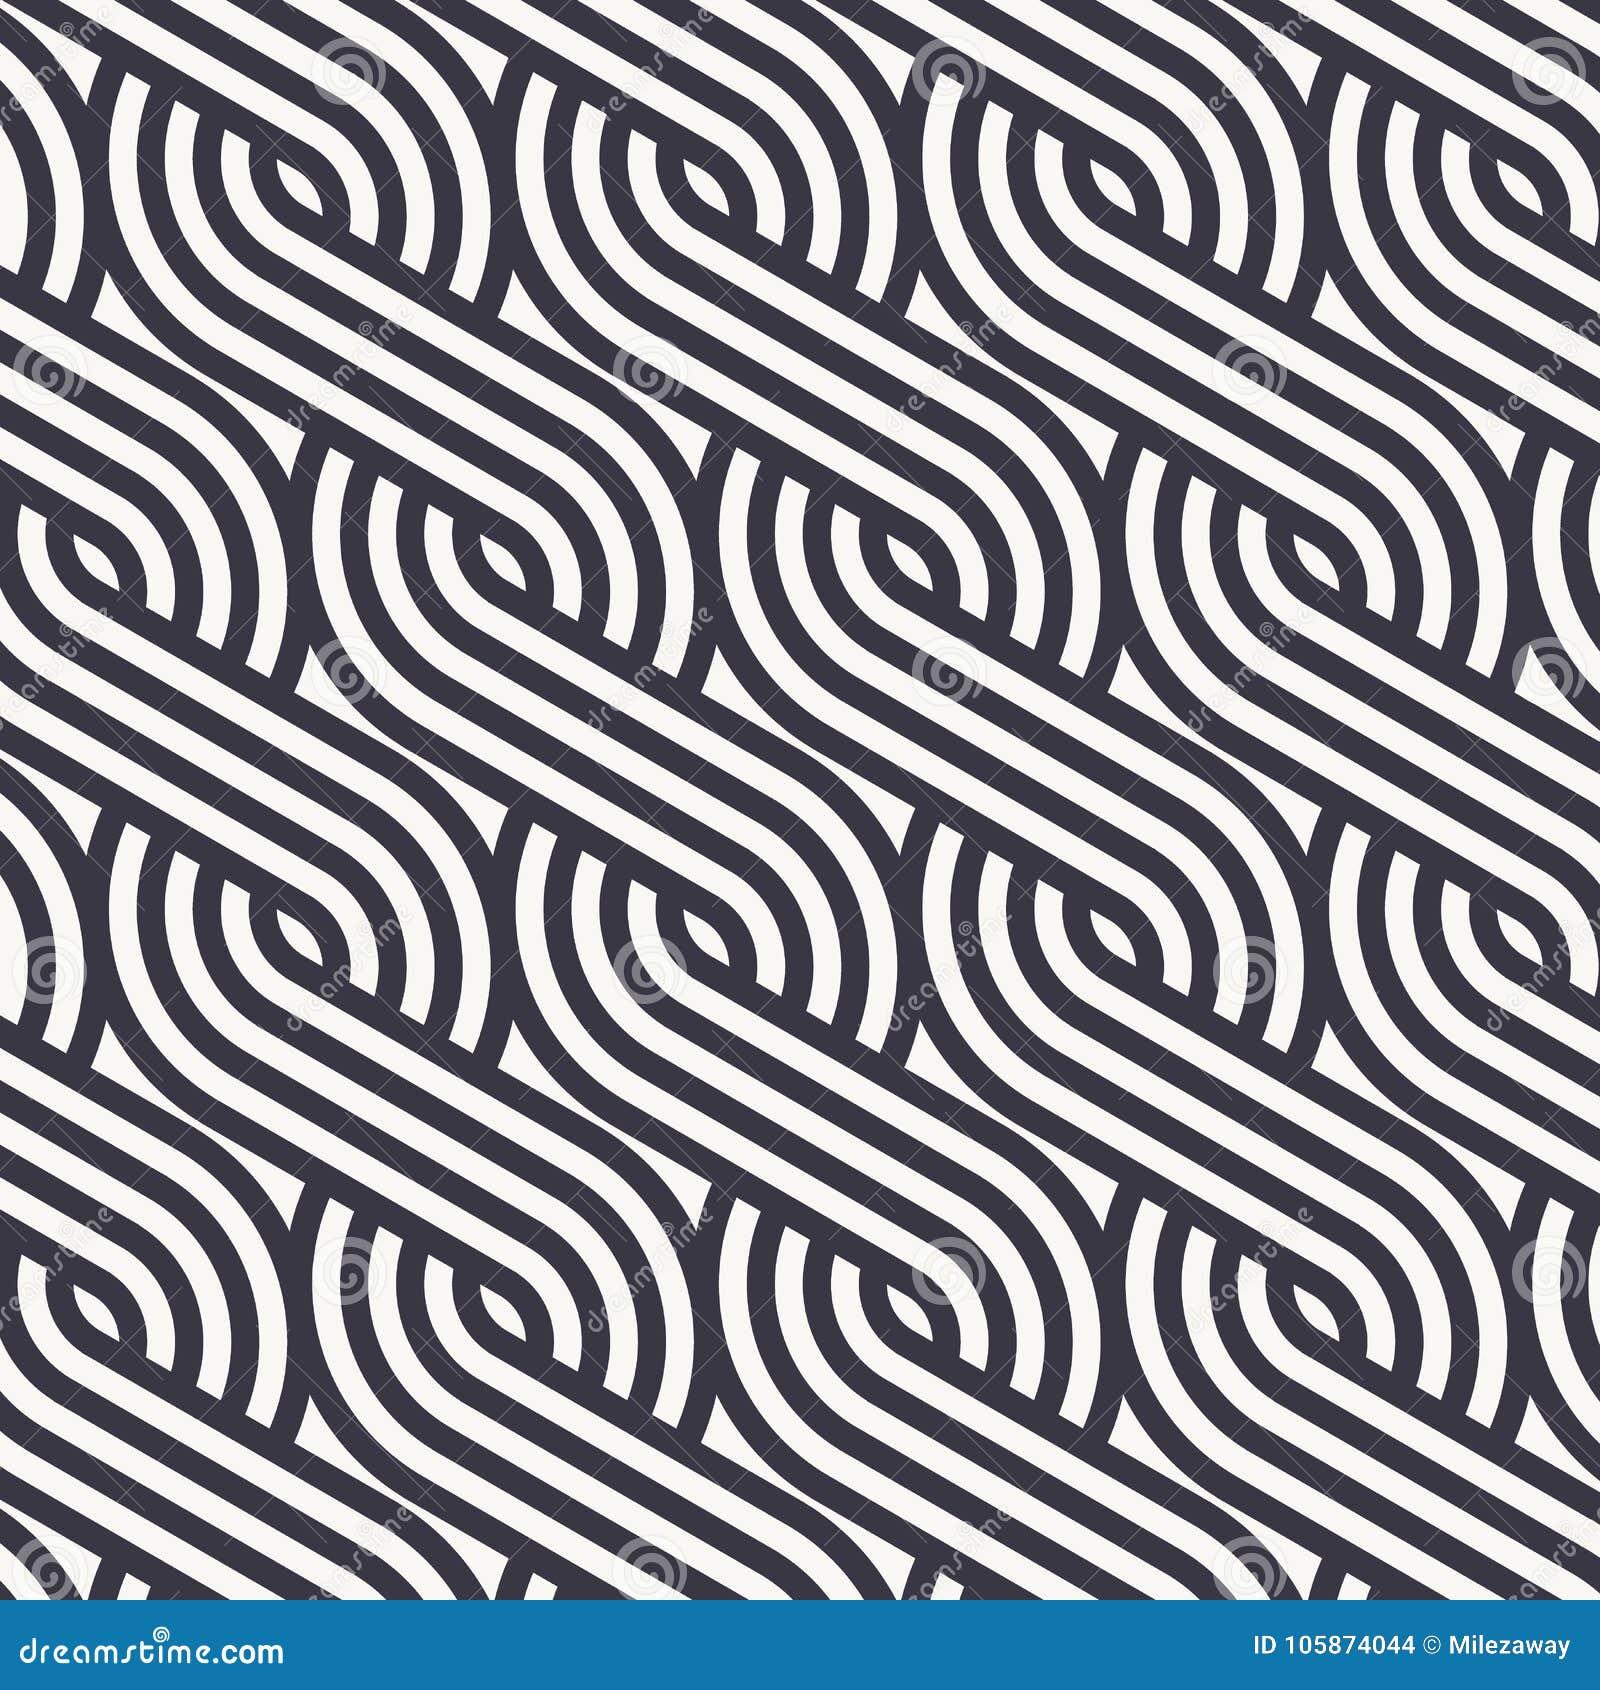 Het lineaire vectorpatroon die de stijlenpatroon herhalen van vlechtenlijnen maakte van een kwart lineair van cirkel